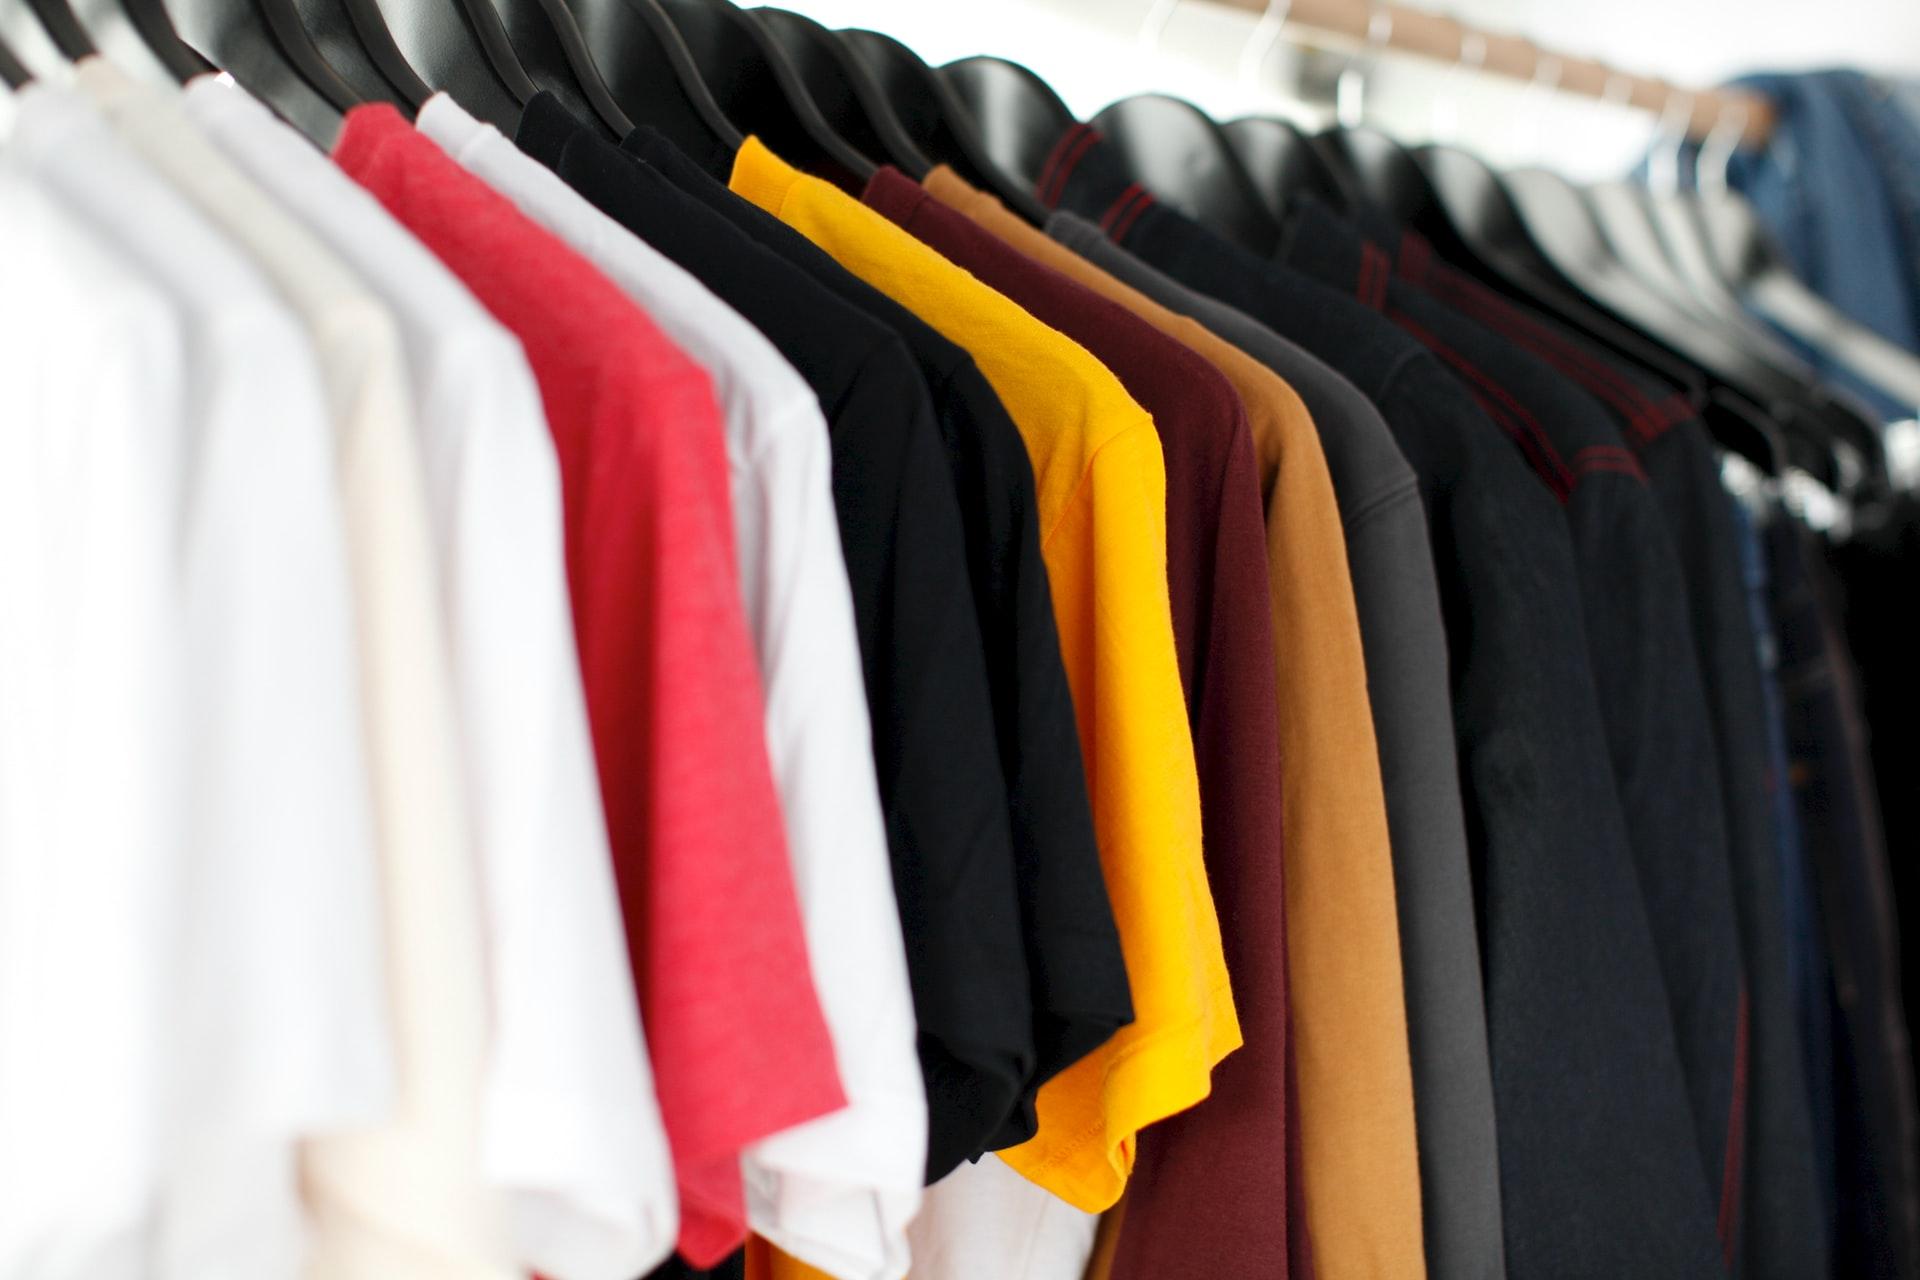 Ученые Петербурга разработали самоочищающиеся ткани для одежды будущего